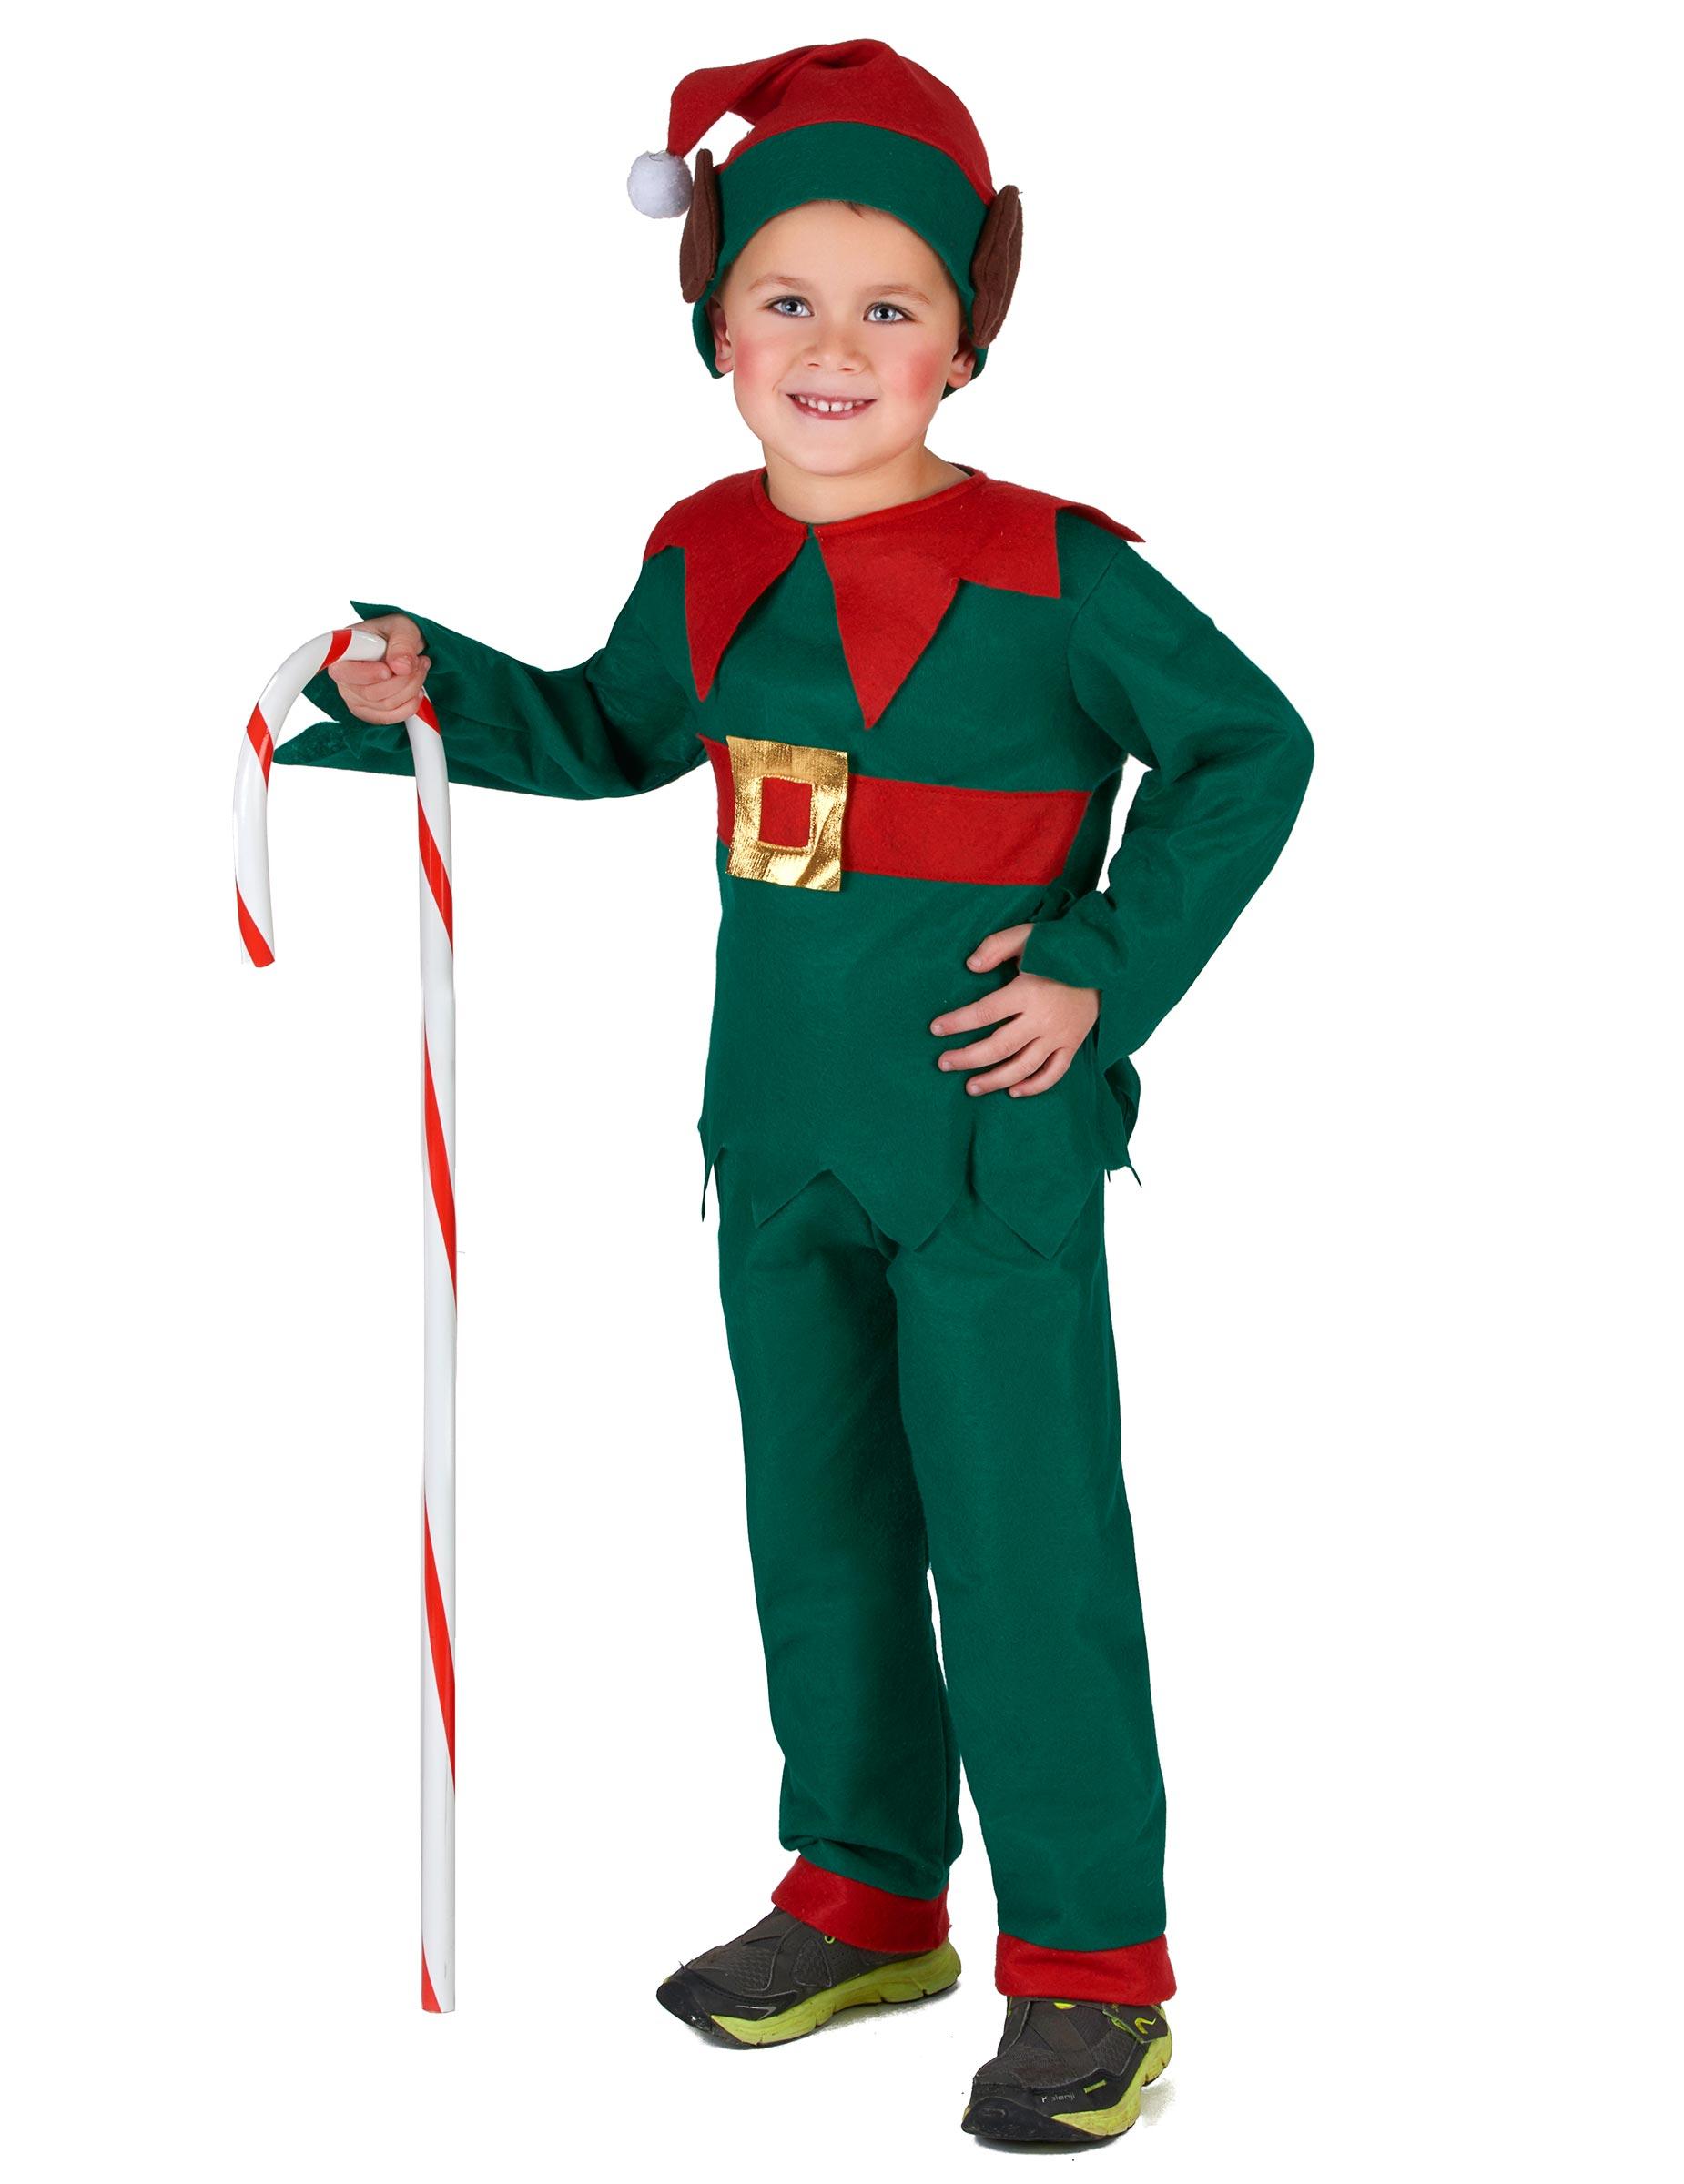 Tomtenissedräkt för barn till jul-3 1447325de48b0